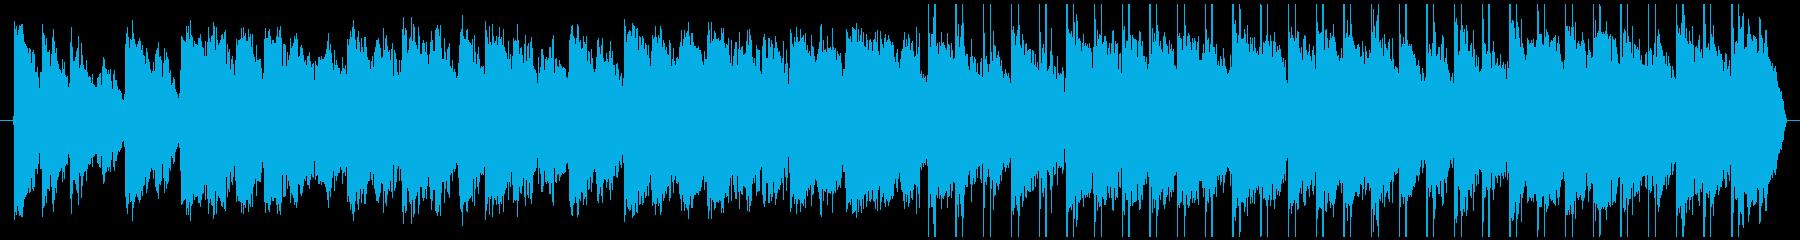 不穏な雰囲気のBGMです。の再生済みの波形